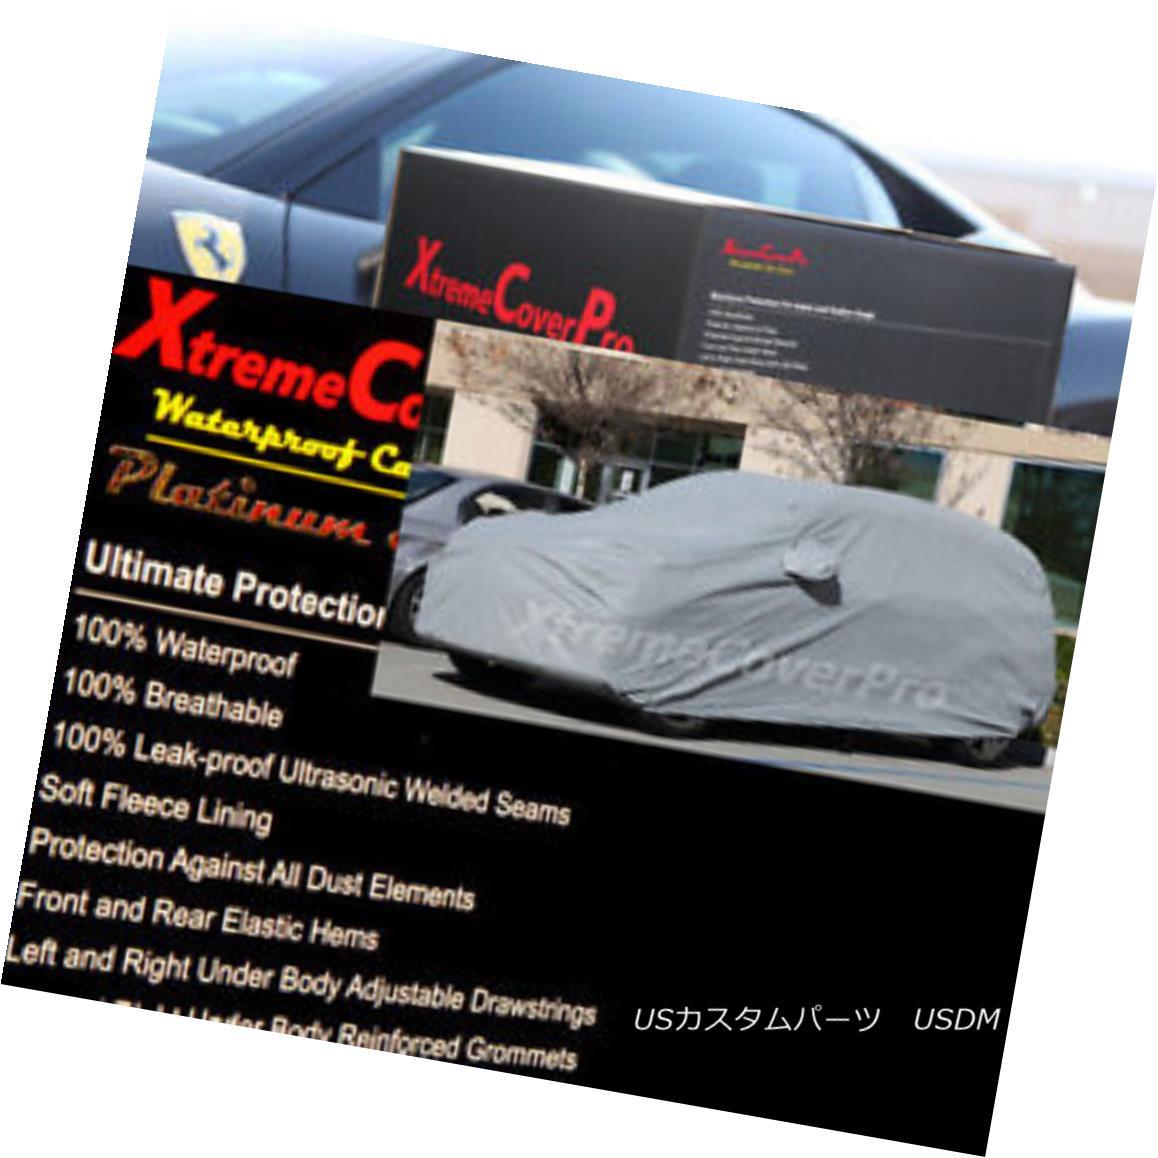 カーカバー 2015 BMW X3 Waterproof Car Cover w/Mirror Pockets - Gray 2015 BMW X3防水カーカバー付き/ミラーポケット - グレー